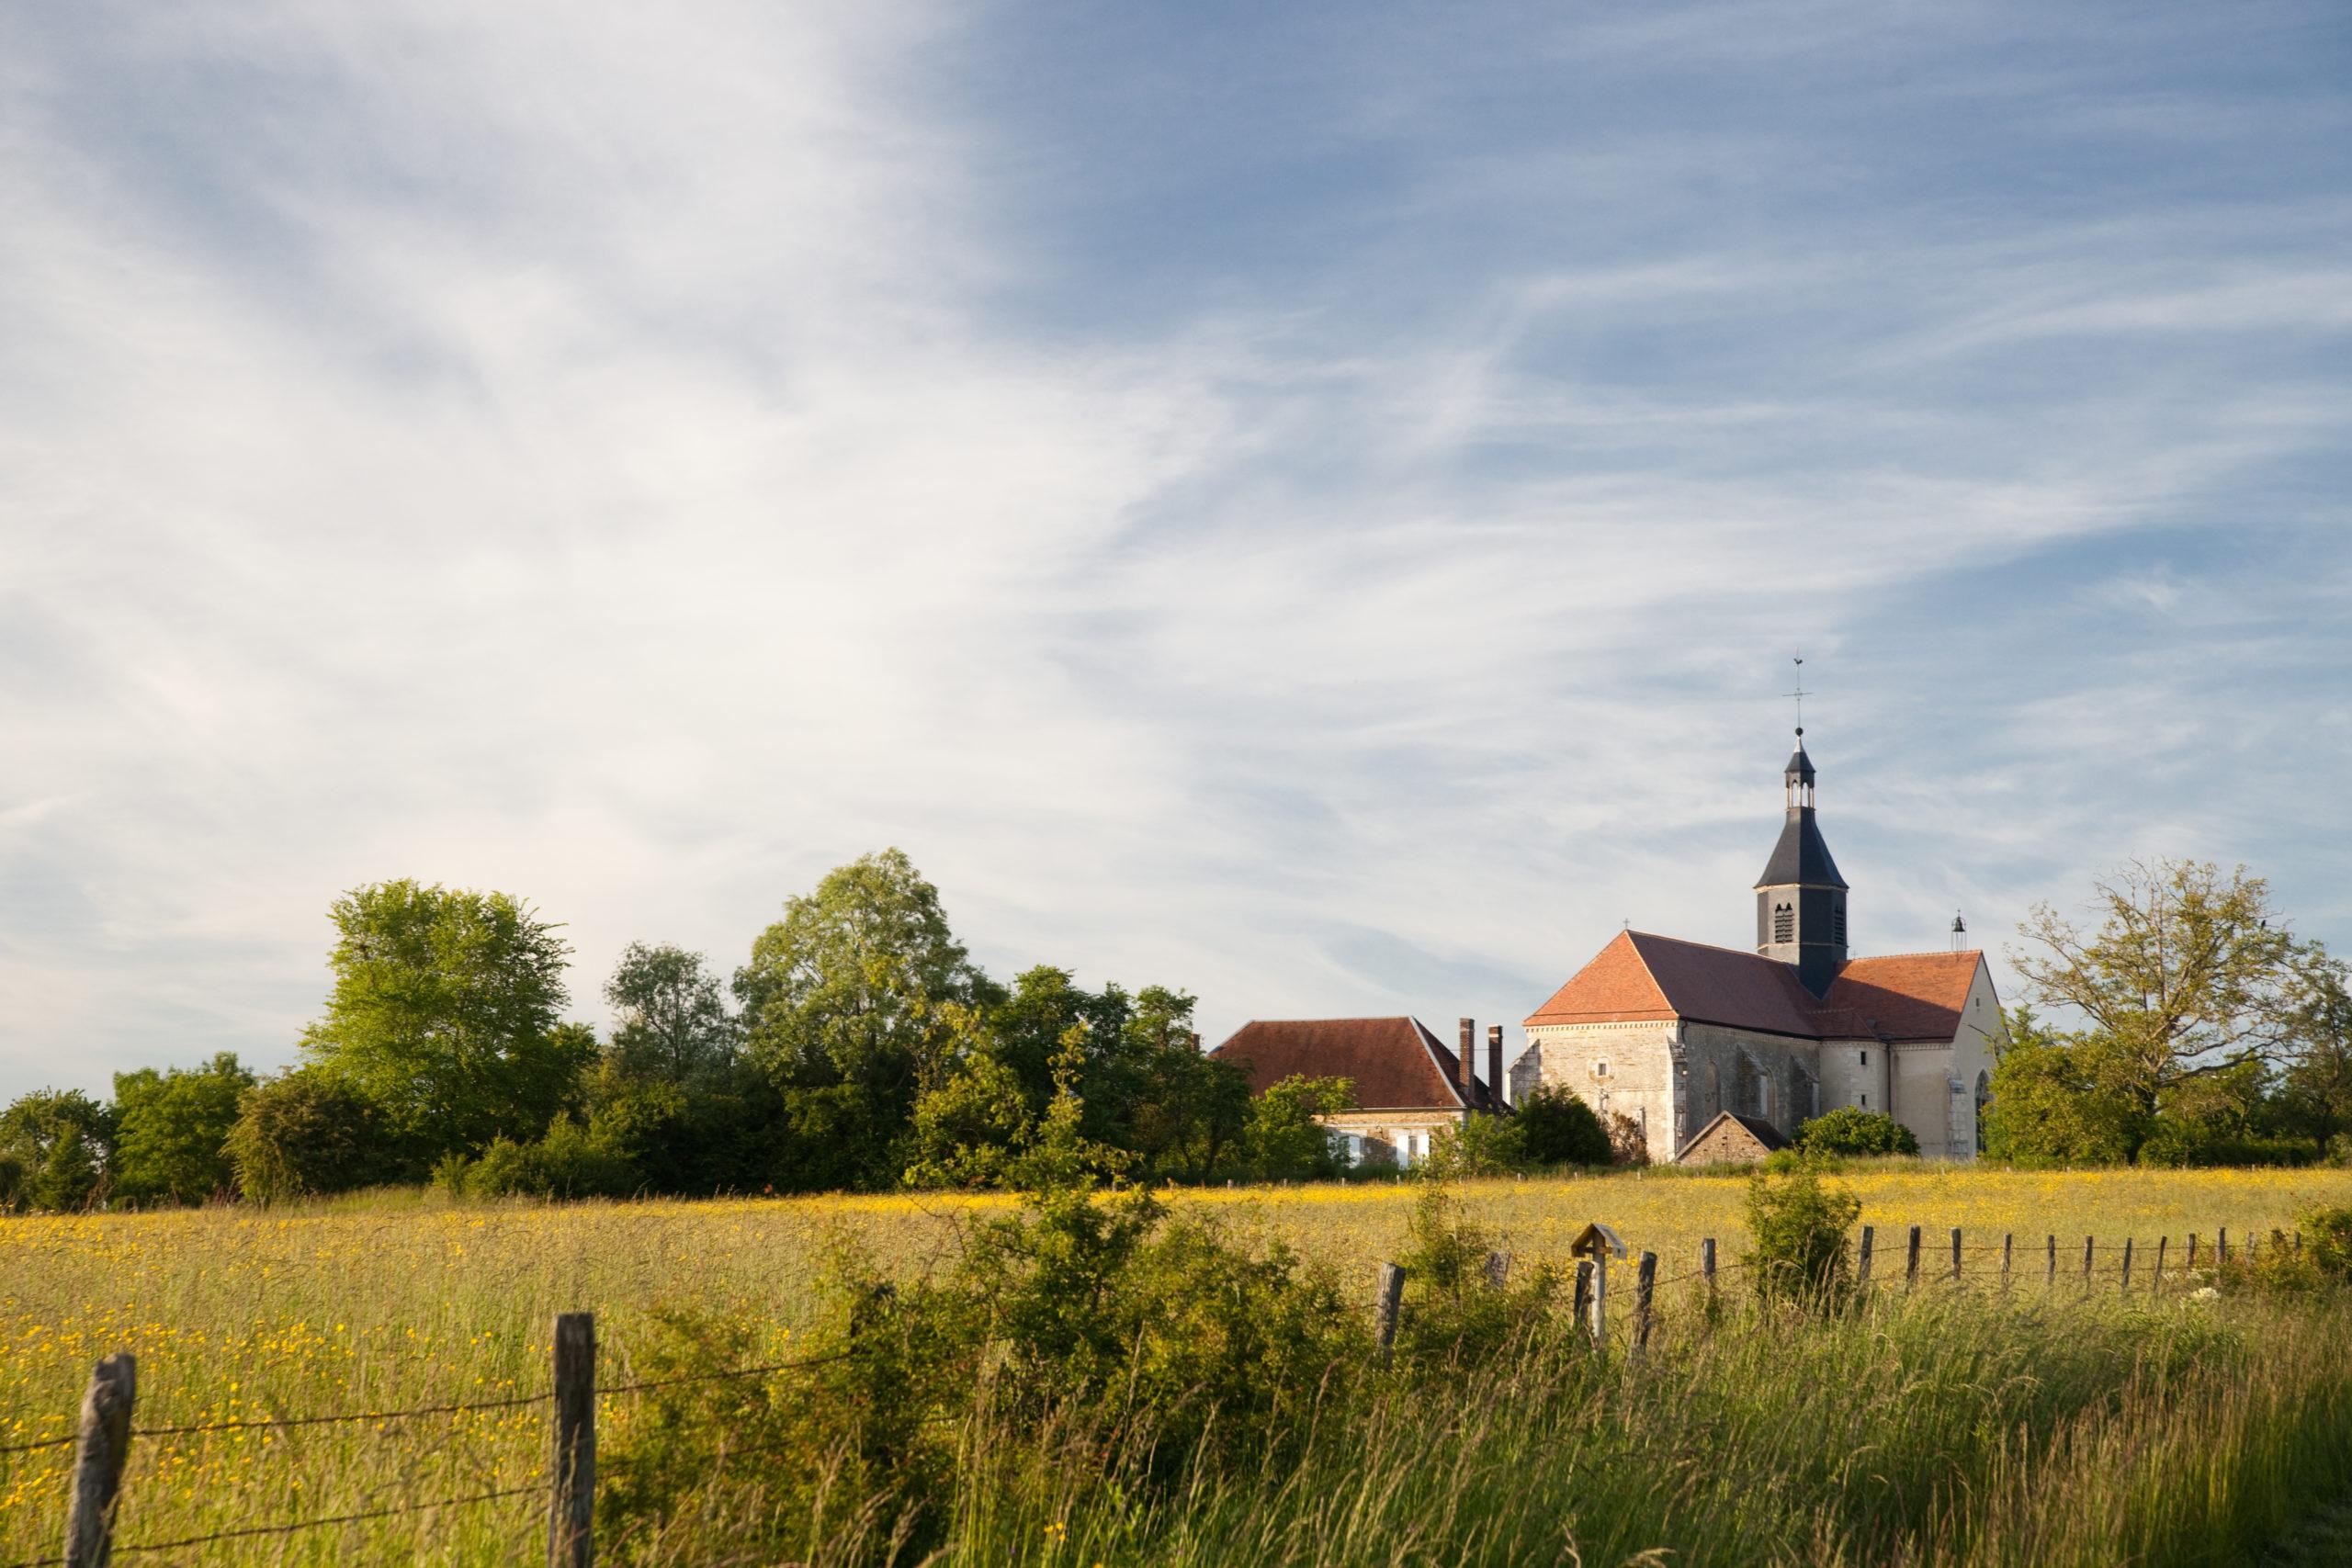 Eglise Saint Leger à Cussangy Cussangy